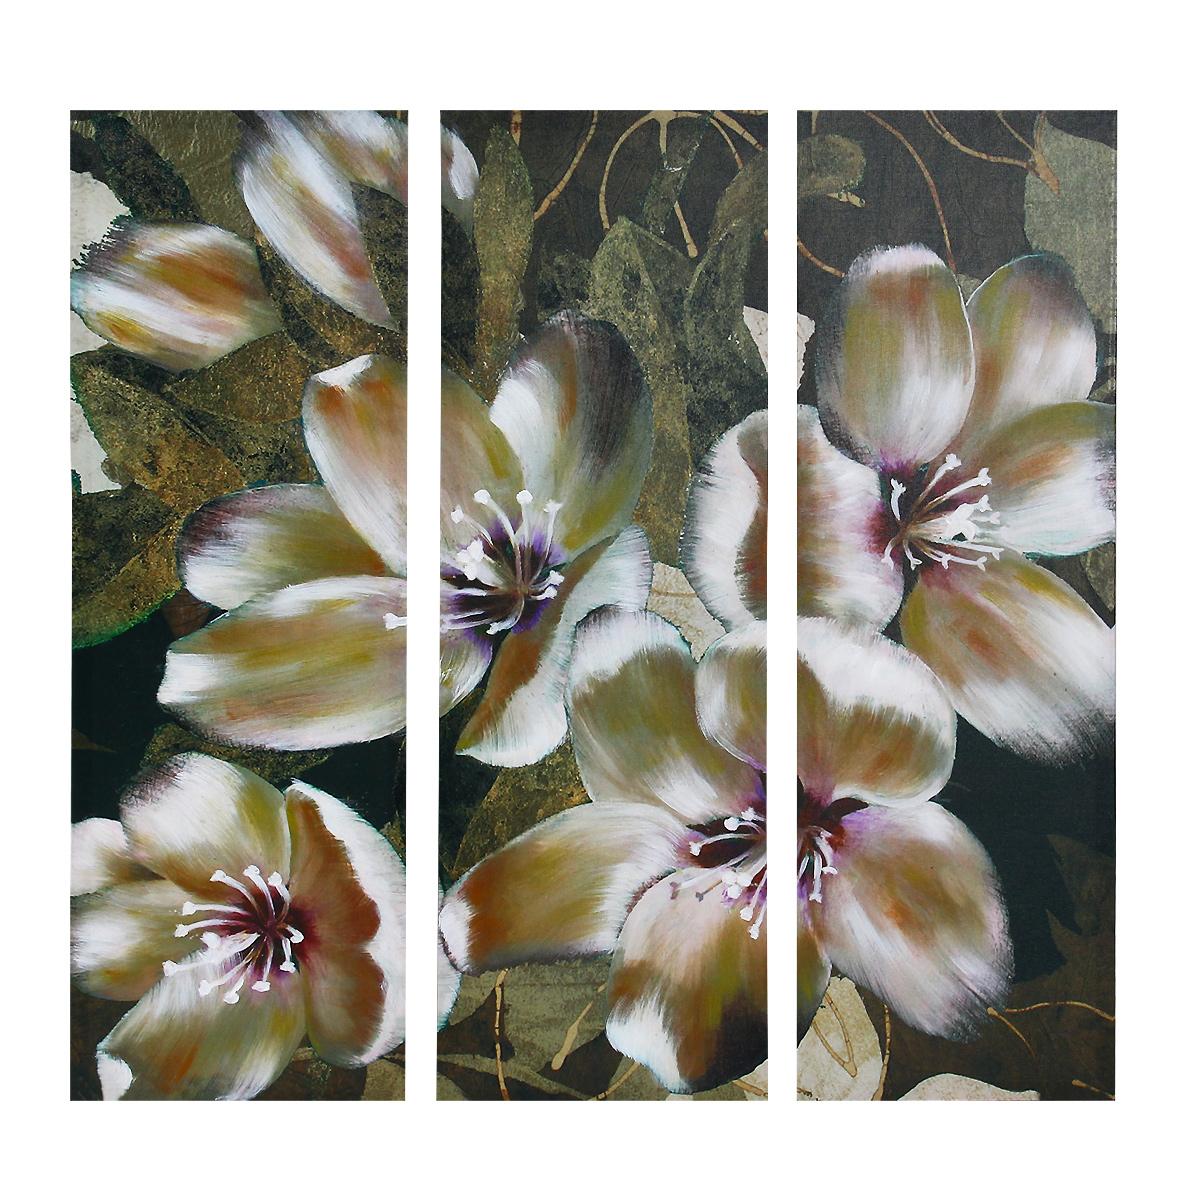 Картина-репродукция без рамки Цветы, 78 см х 80 см х 2,5 см. 36031AP-00814-00030-Cn3060Картина-репродукция без рамки Цветы выполнена из натуральной древесины. Техника выполнения - масляная печать на холсте с ручной подрисовкой. Картина состоит из трех частей с изящным цветочным рисунком. Такая картина - вдохновляющее декоративное решение, привносящее в интерьер нотки творчества и изысканности! Благодаря оригинальному дизайну картина дополнит интерьер любого помещения, а также сможет стать изысканным подарком для ваших друзей и близких.